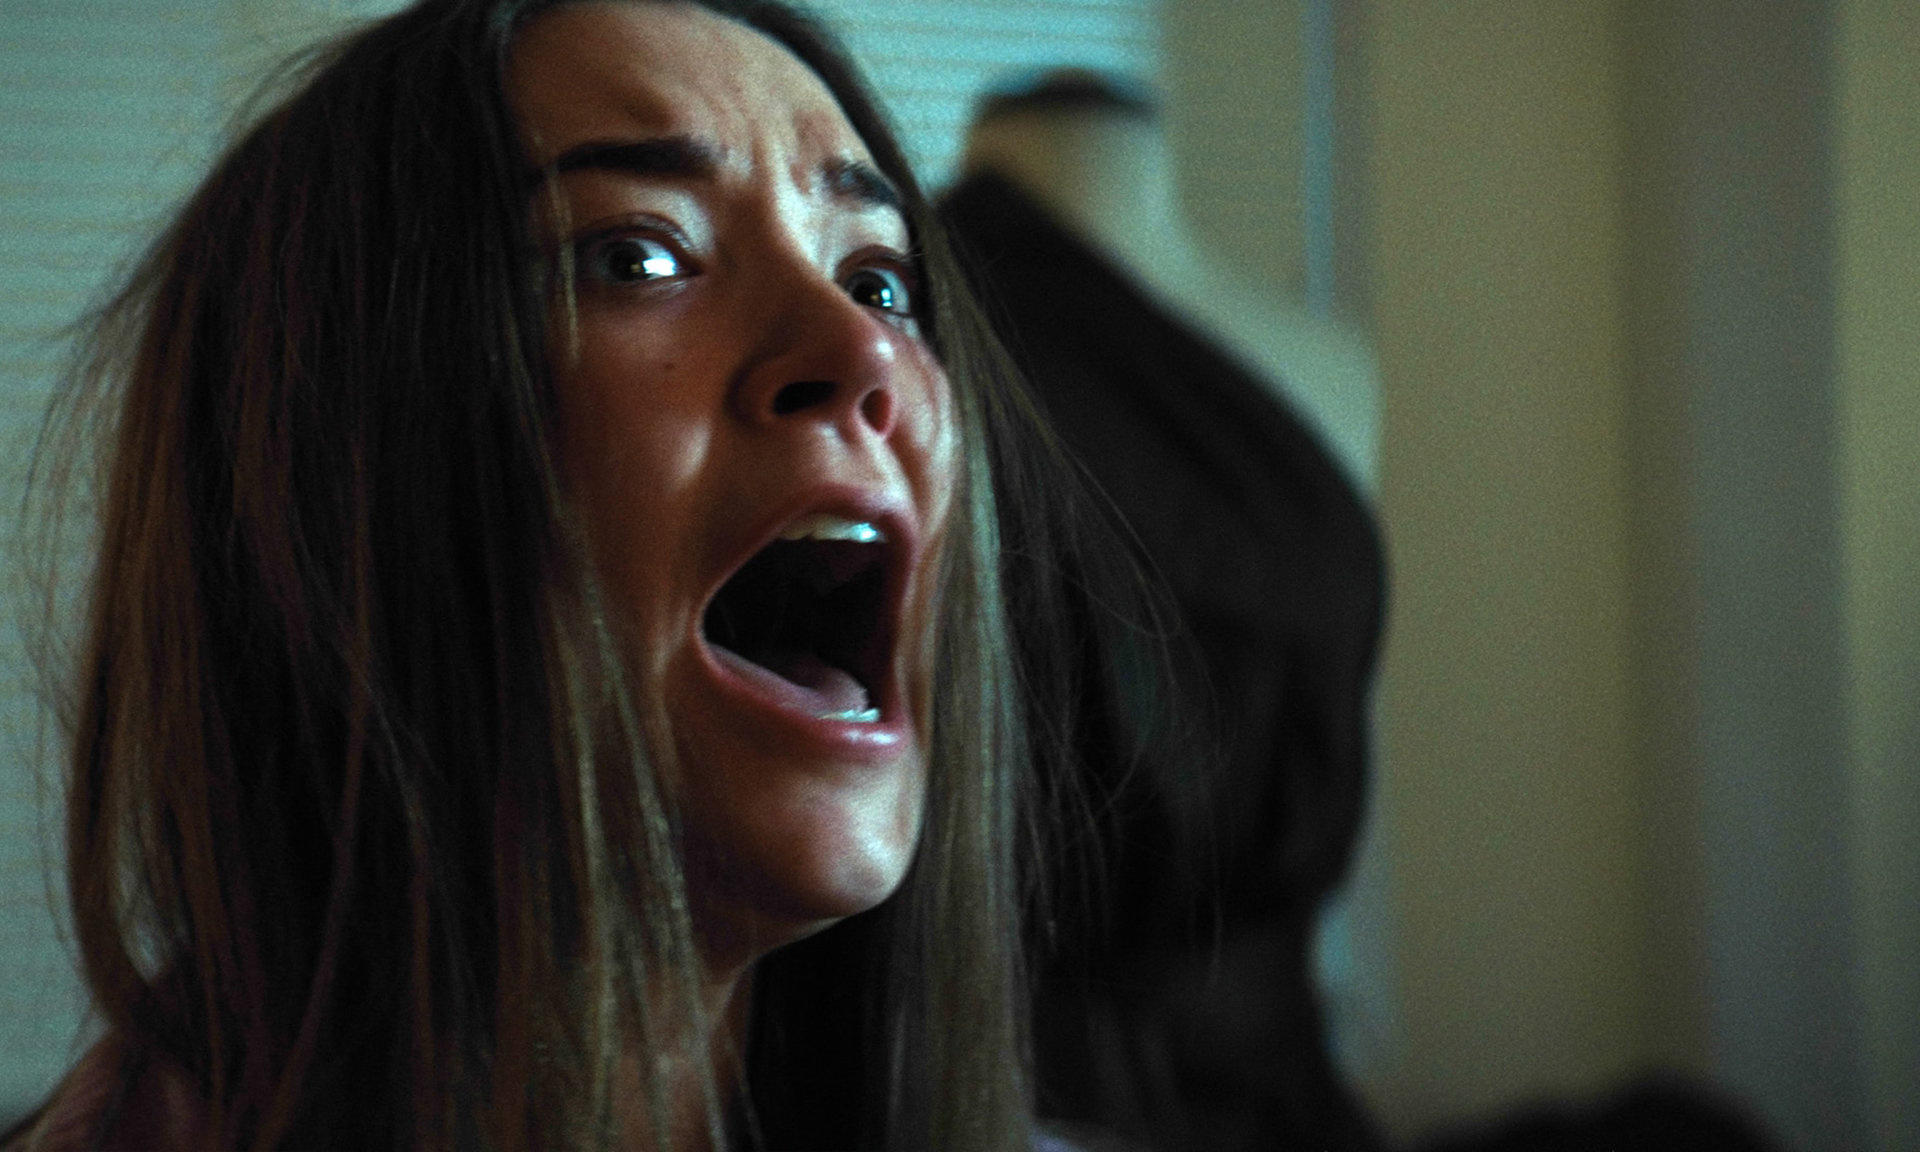 Yeni korku filmleri Ağustos 2020de Netflixe geliyor